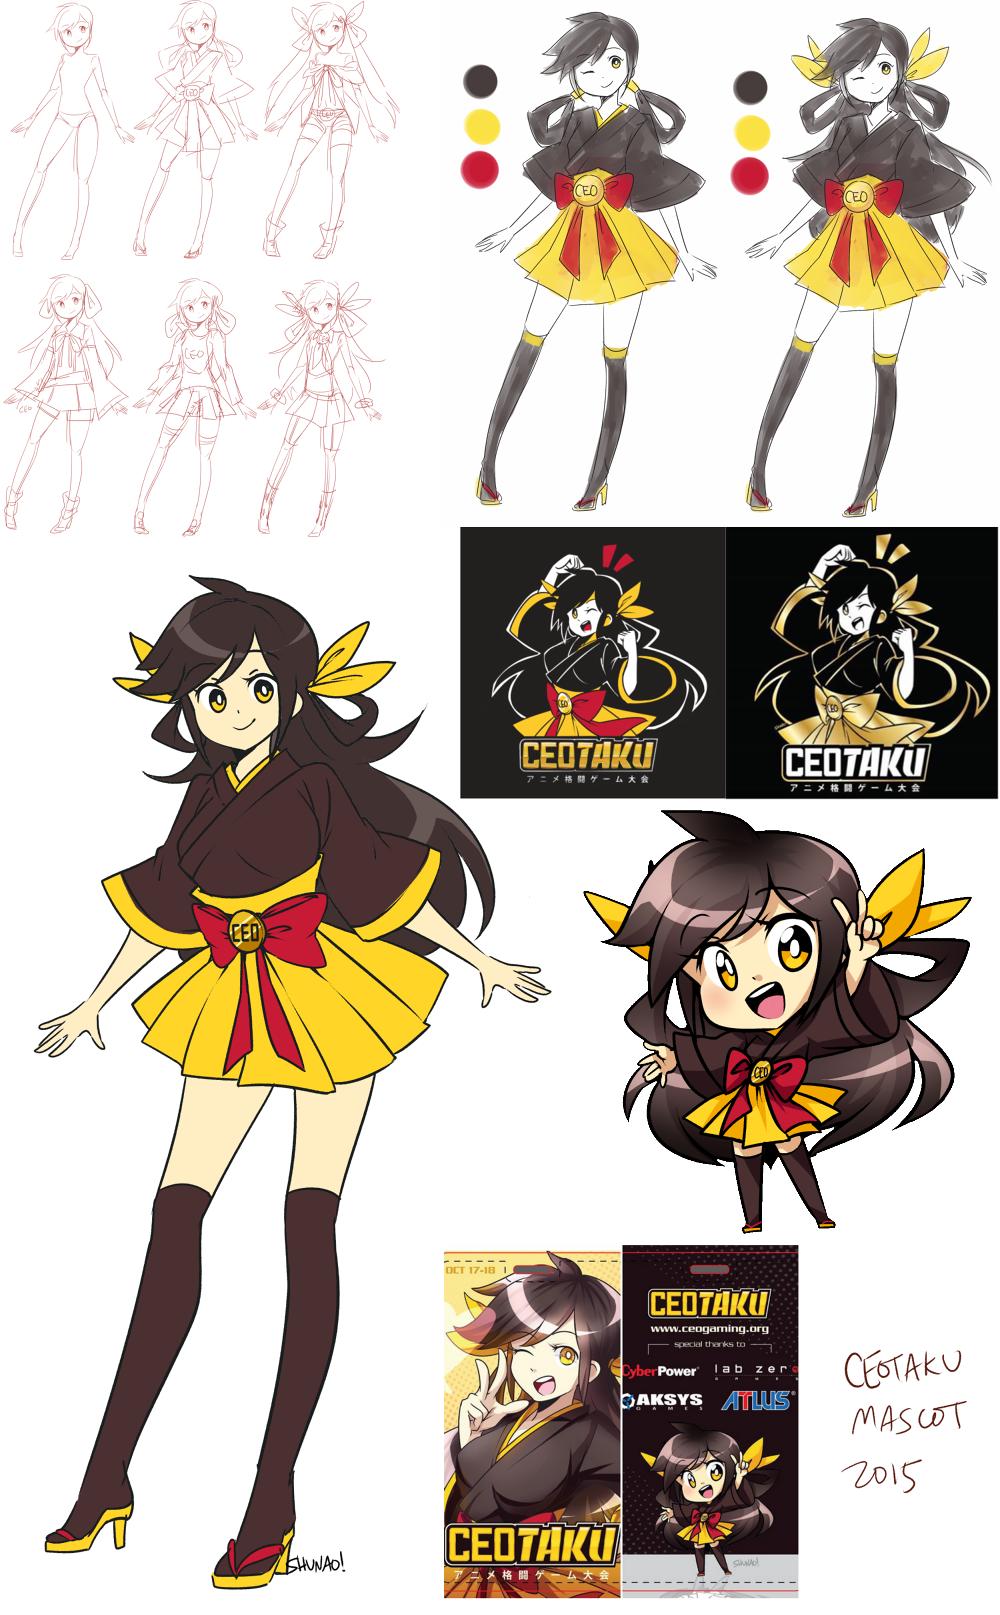 CEOtaku's Mascot, Shiyo